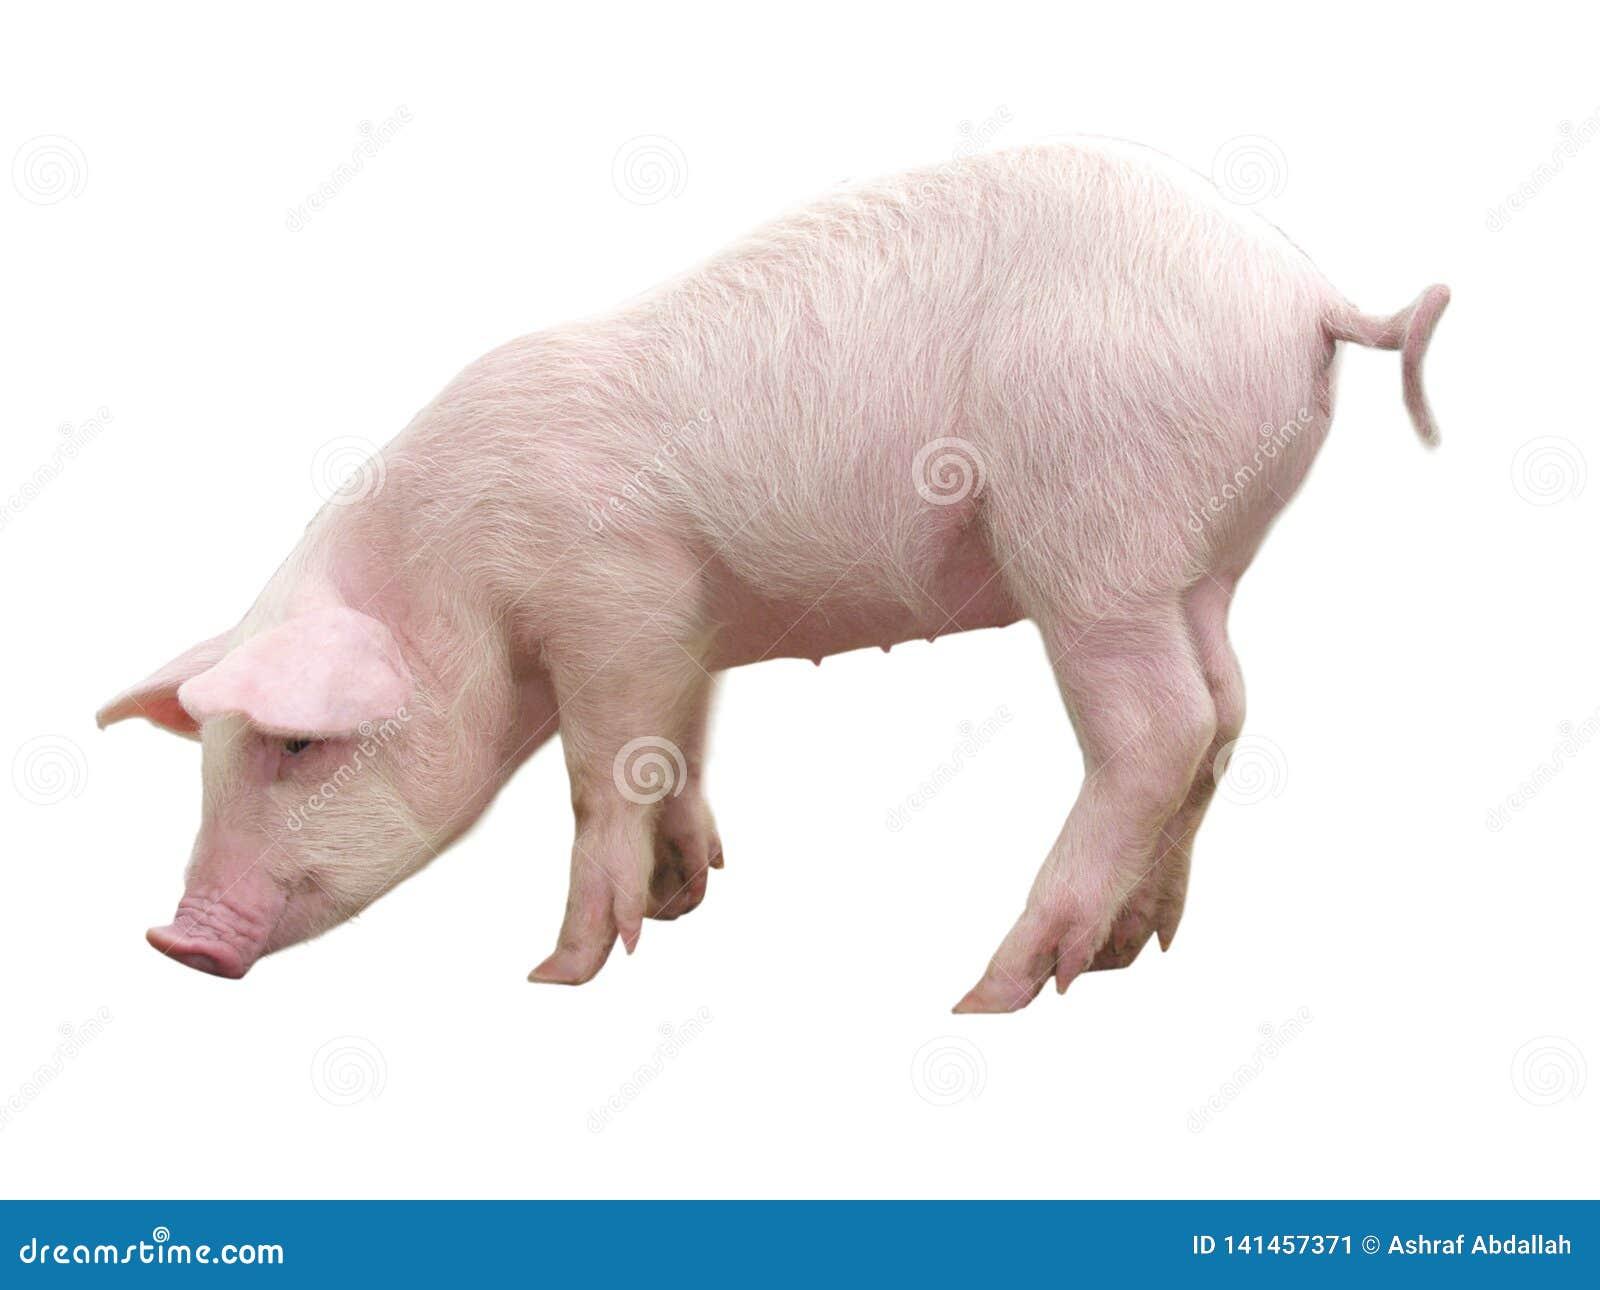 牲口-在一白色背景影像代表的猪